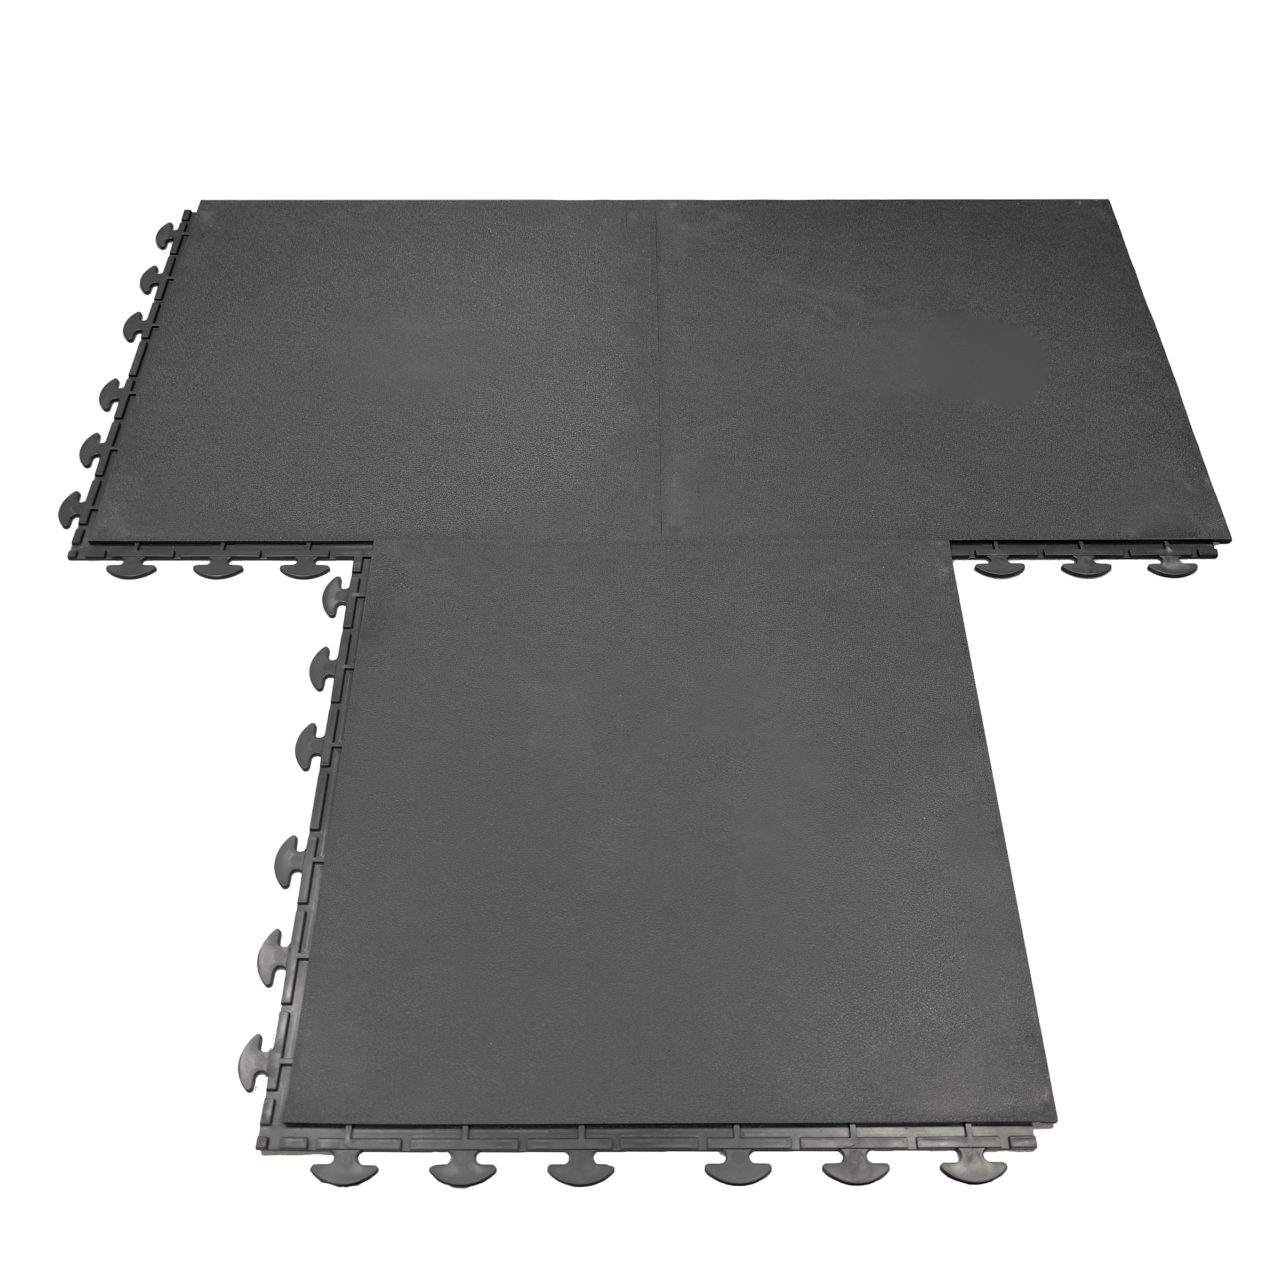 jp industrial pvc fliese platte j ger plastik. Black Bedroom Furniture Sets. Home Design Ideas